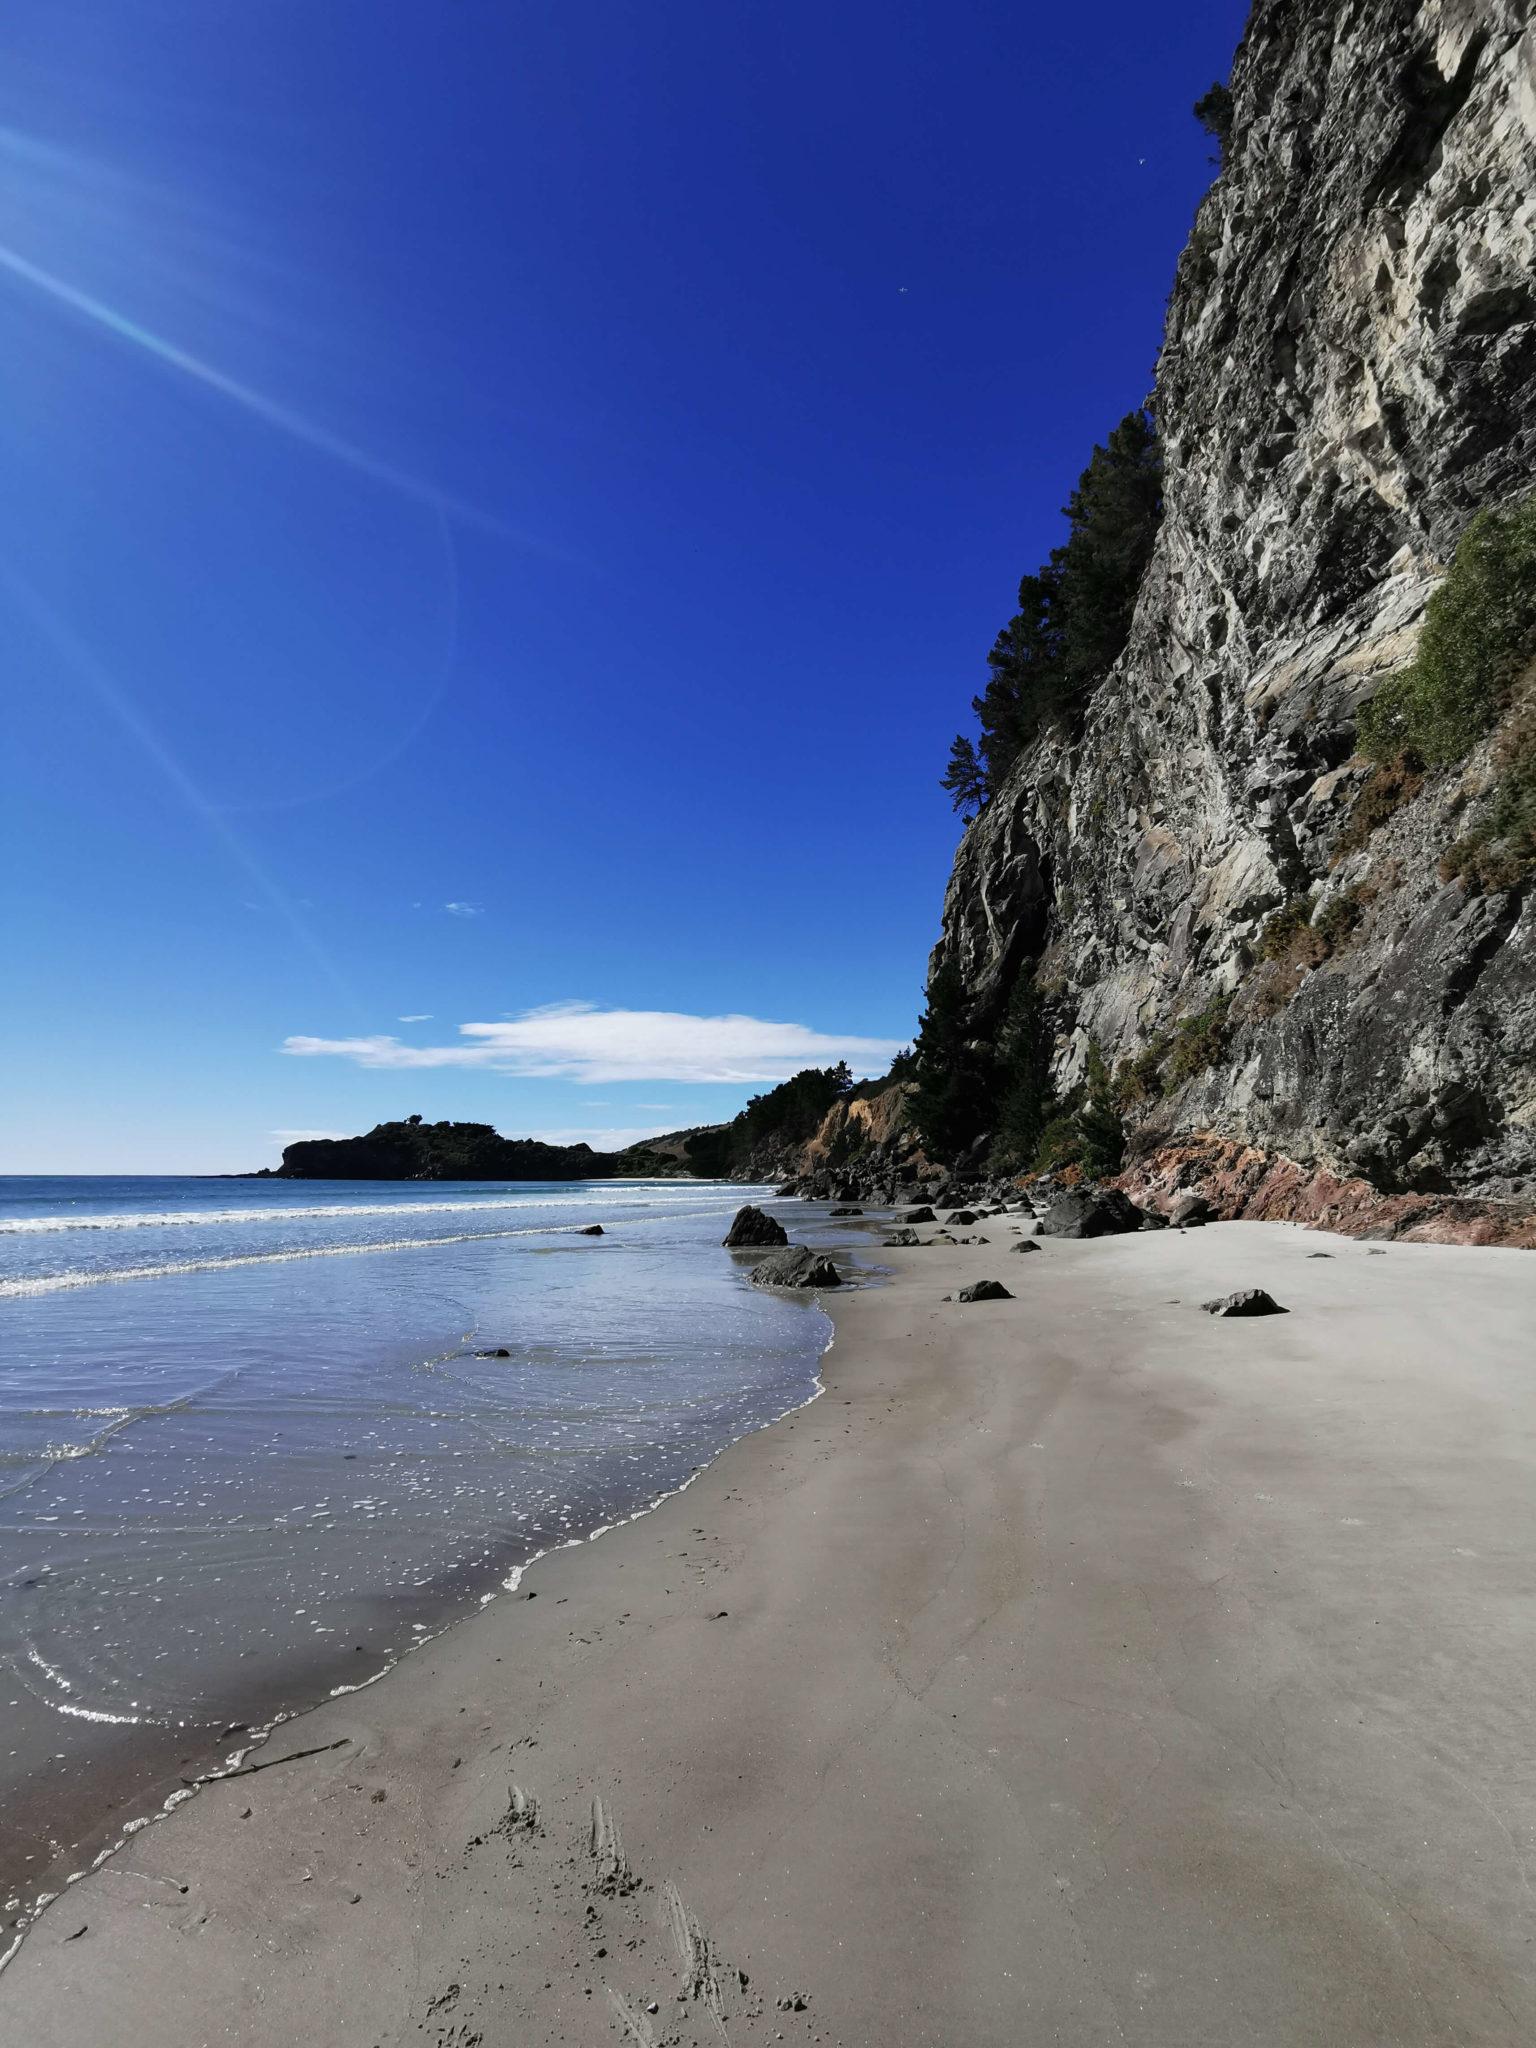 Sur la plage après la cave naturelle Waitati Nouvelle-Zélande